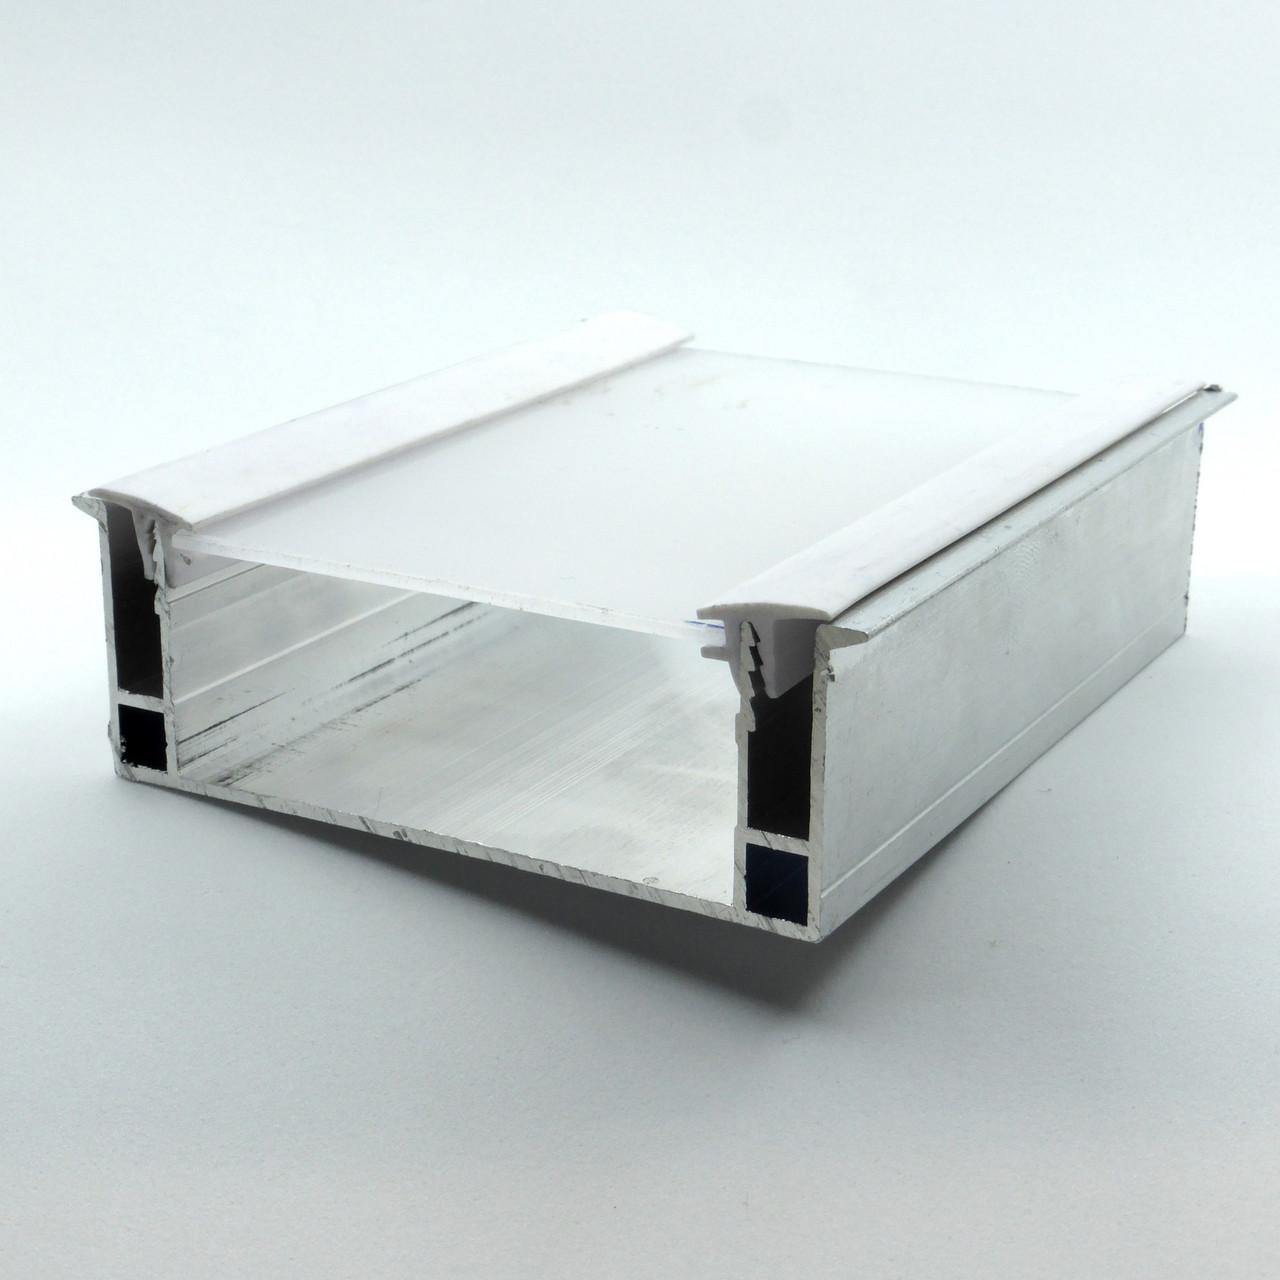 Профиль алюминиевый для натяжных потолков - парящая линия, с линзой, со вставкой. Длина профиля 2 м.